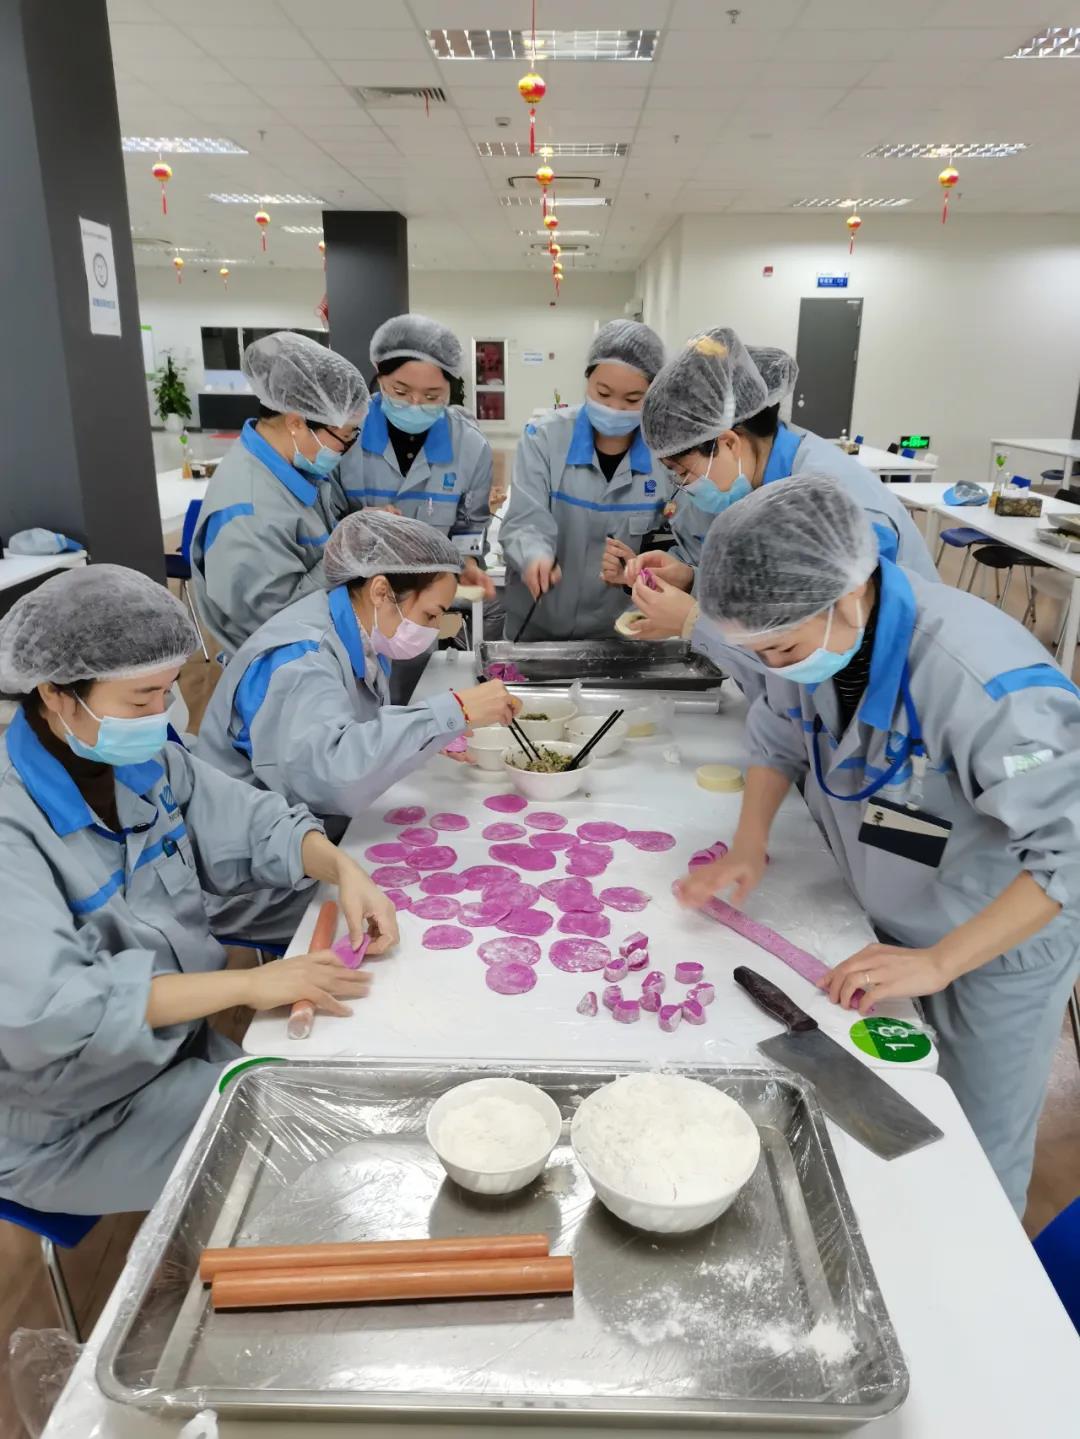 餃子作りを楽しむNGK(蘇州)環保陶瓷有限公司の従業員達